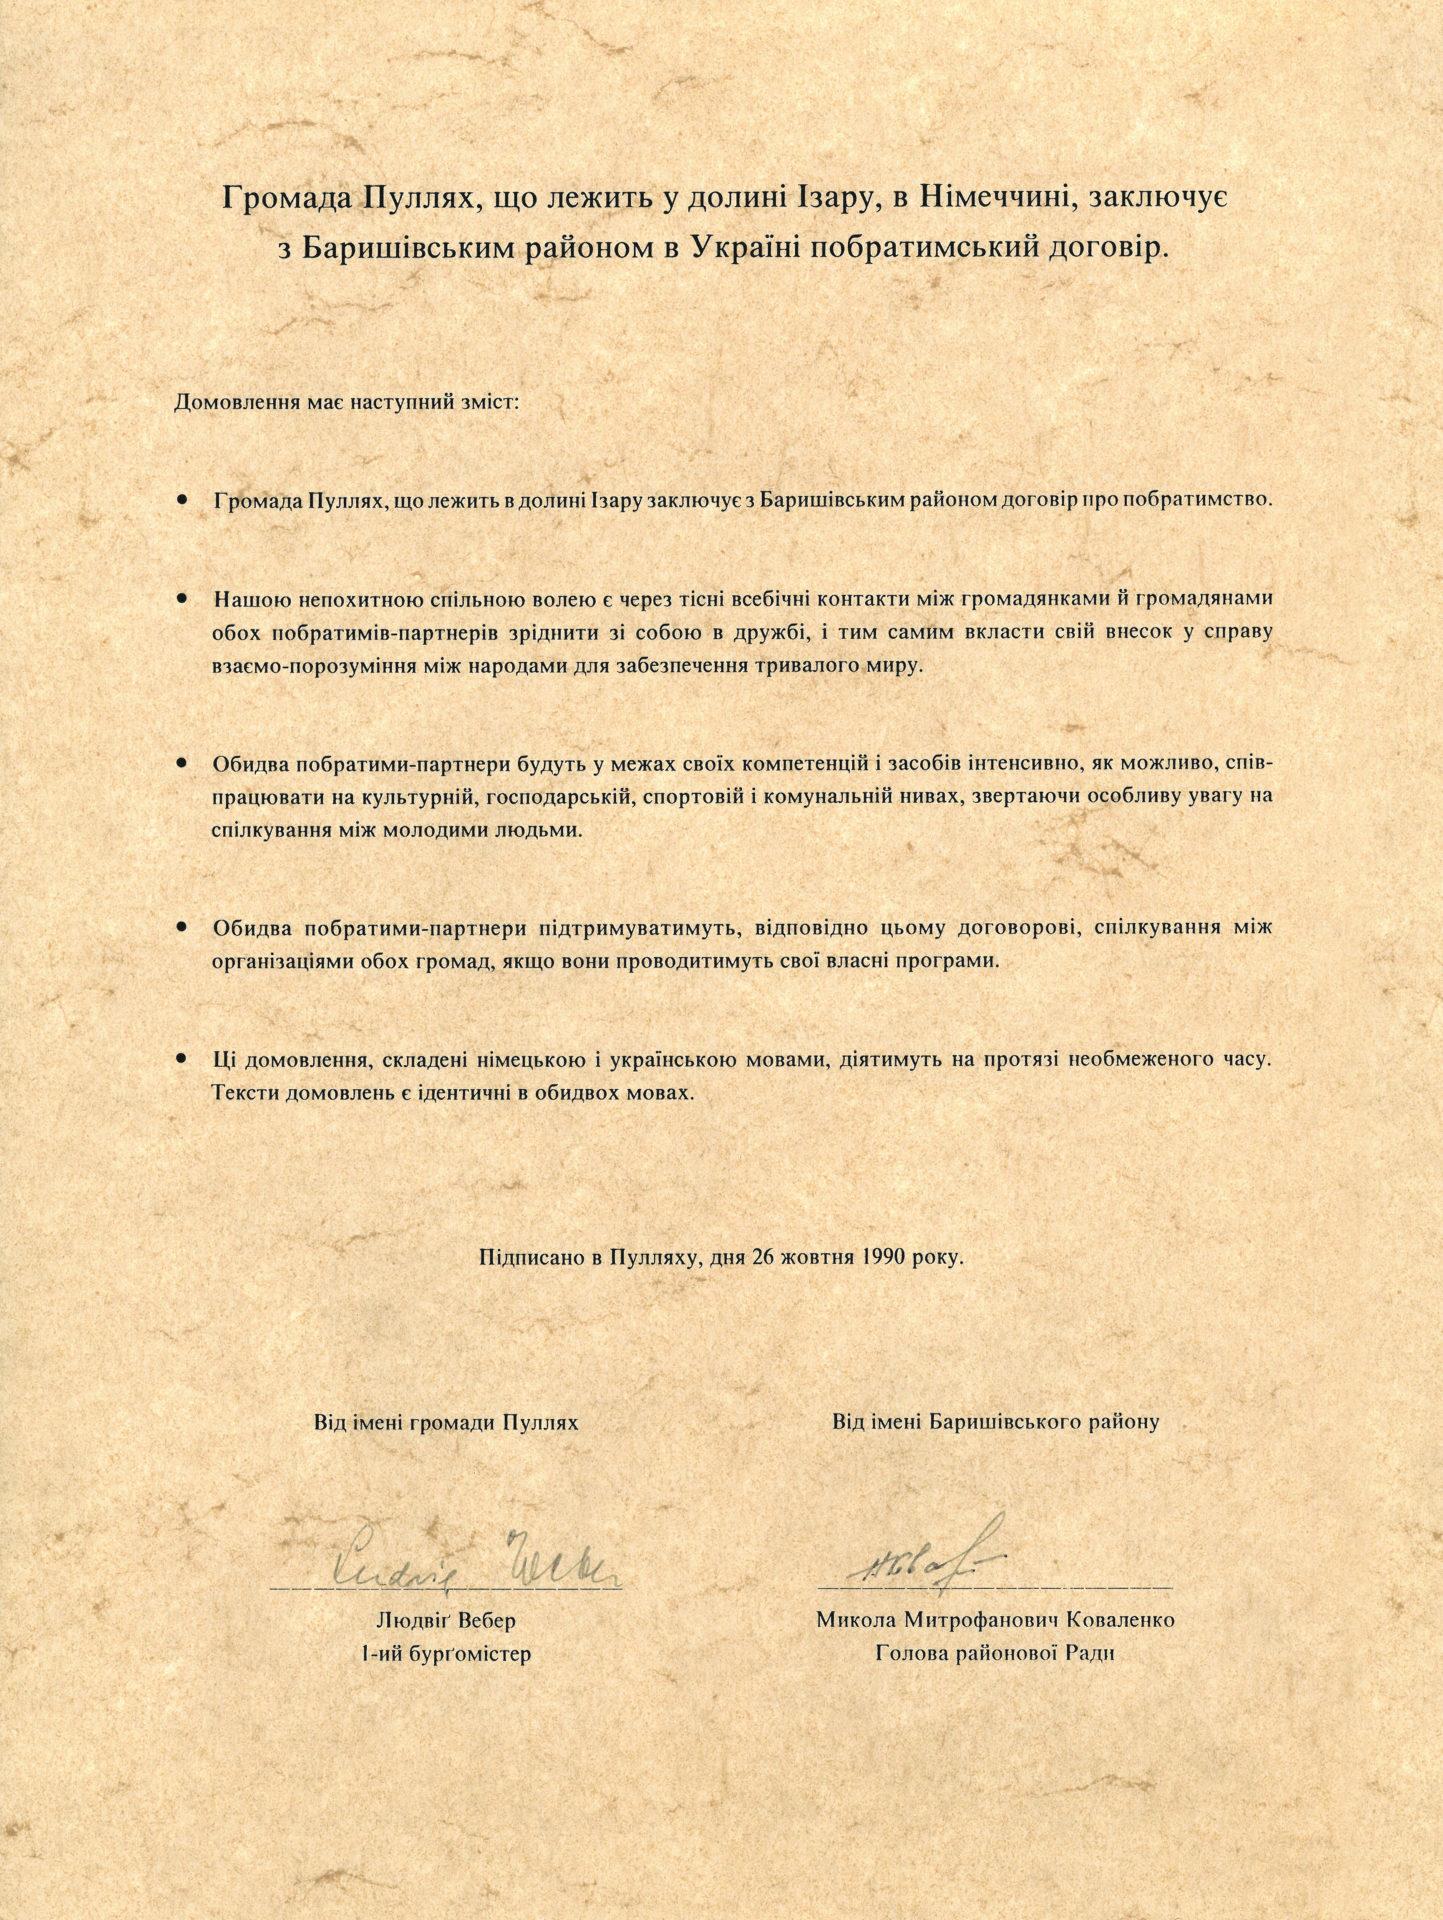 Freundschaftsvertrag Baryschiwka - russisch